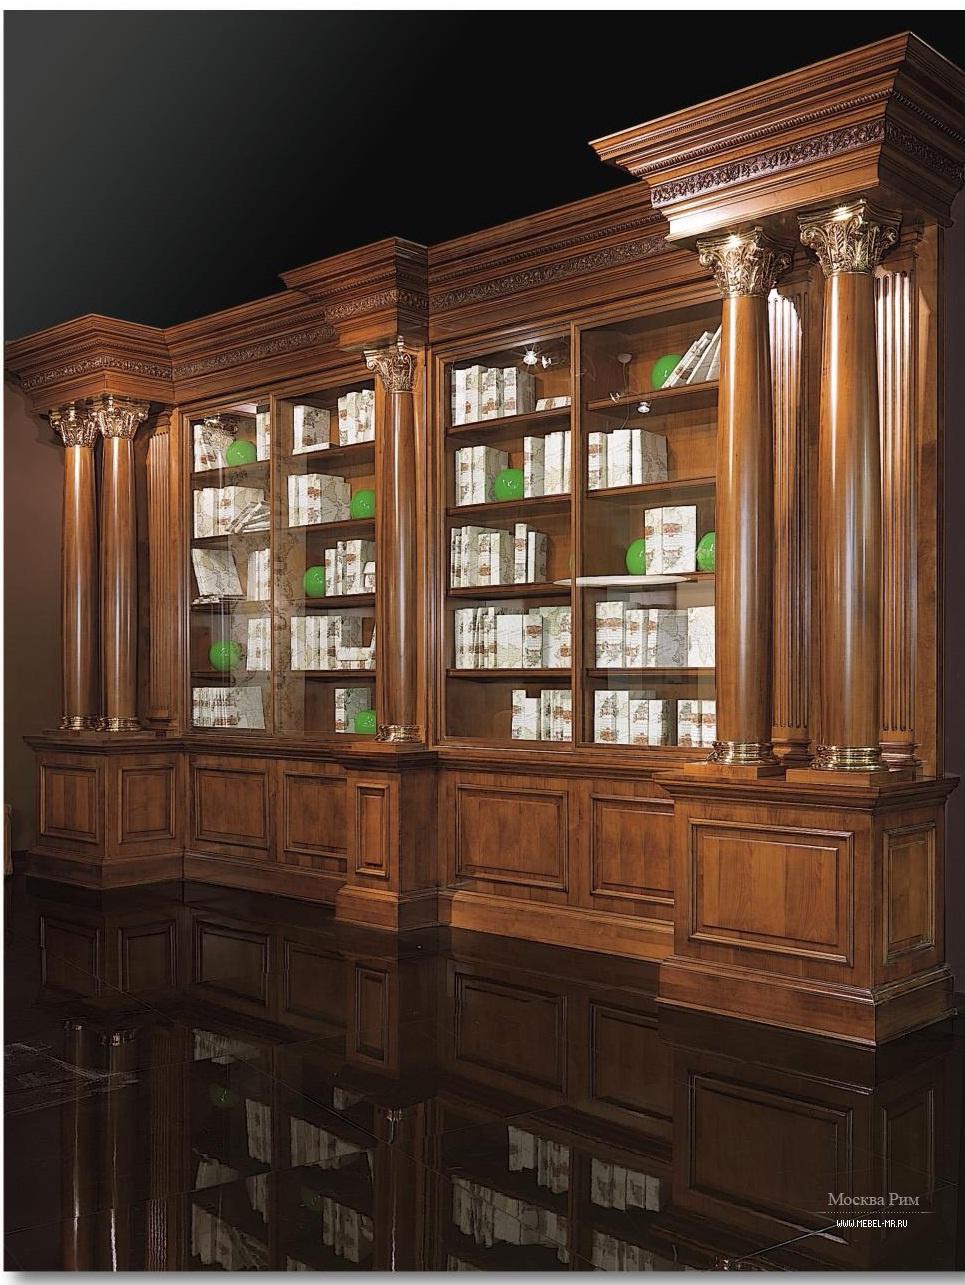 Библиотека fidia/library-legno из италии производства elledu.